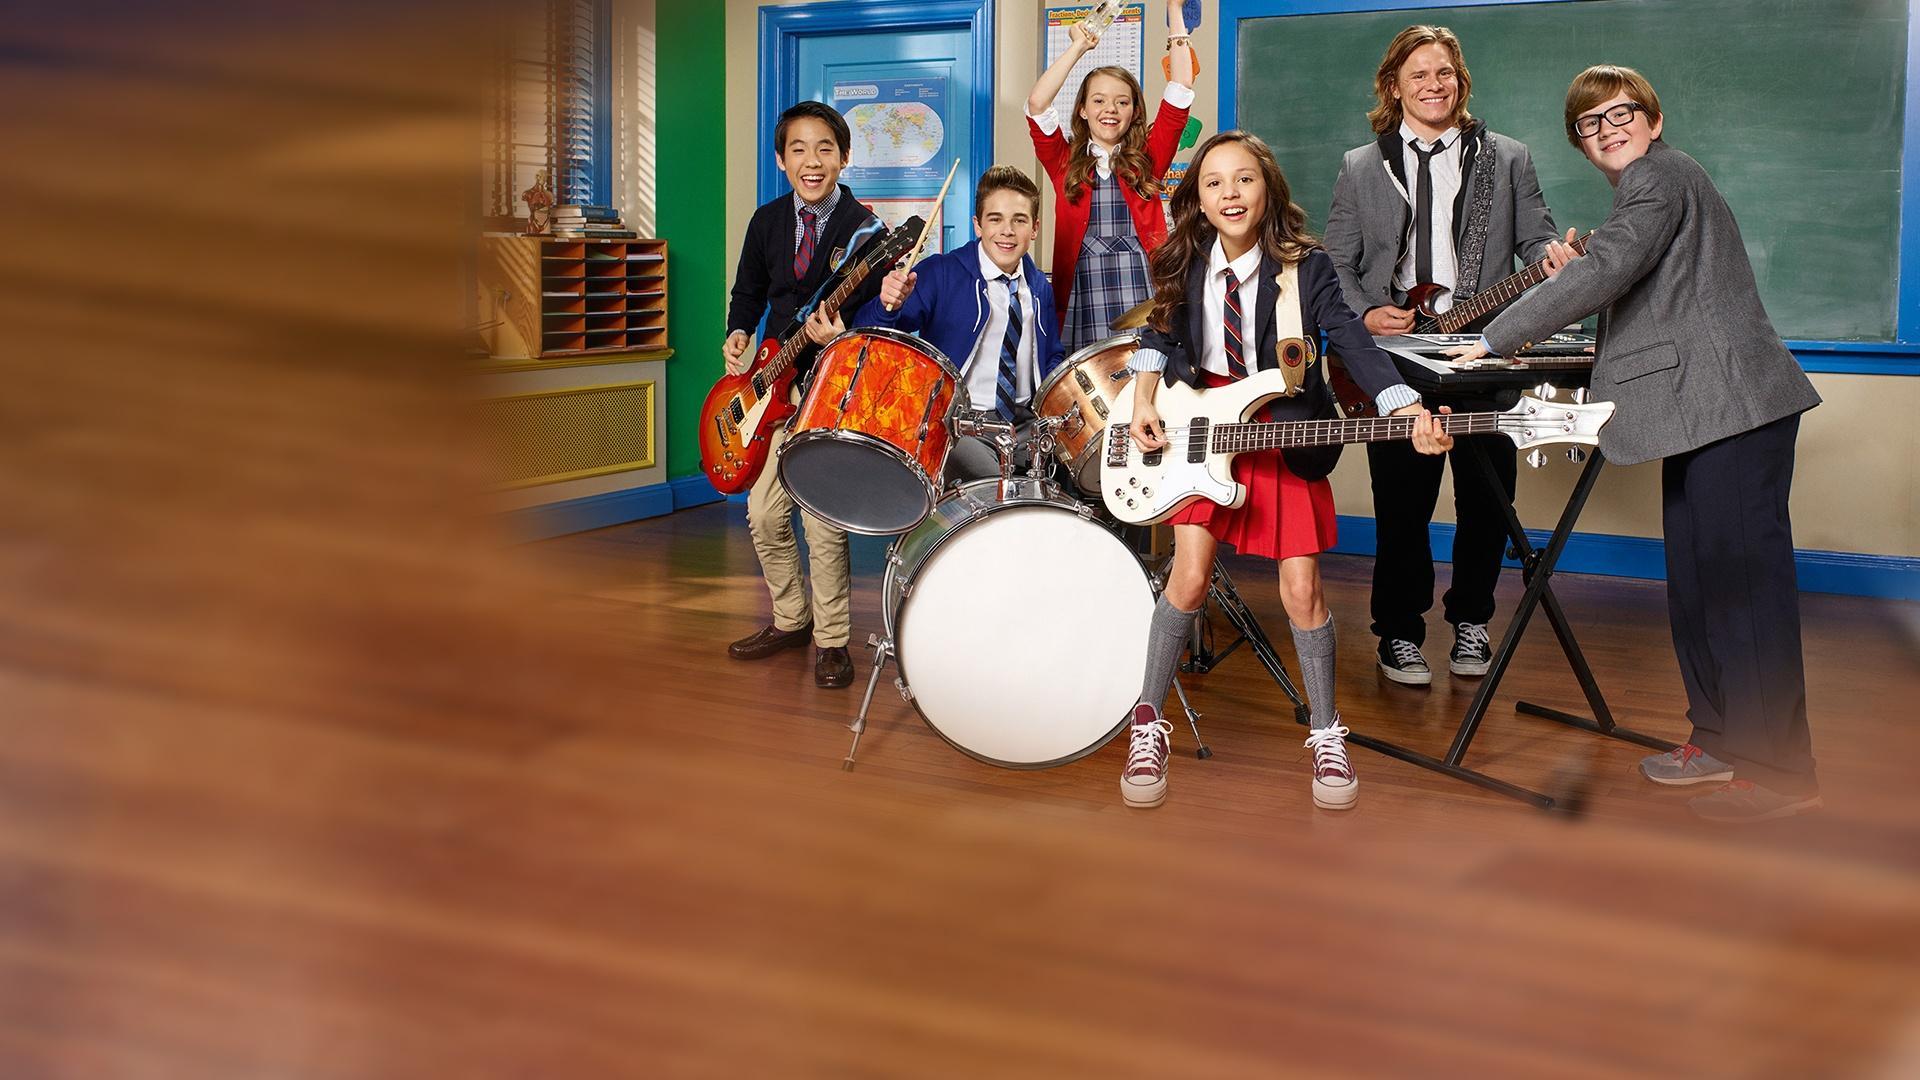 Super! School of Rock